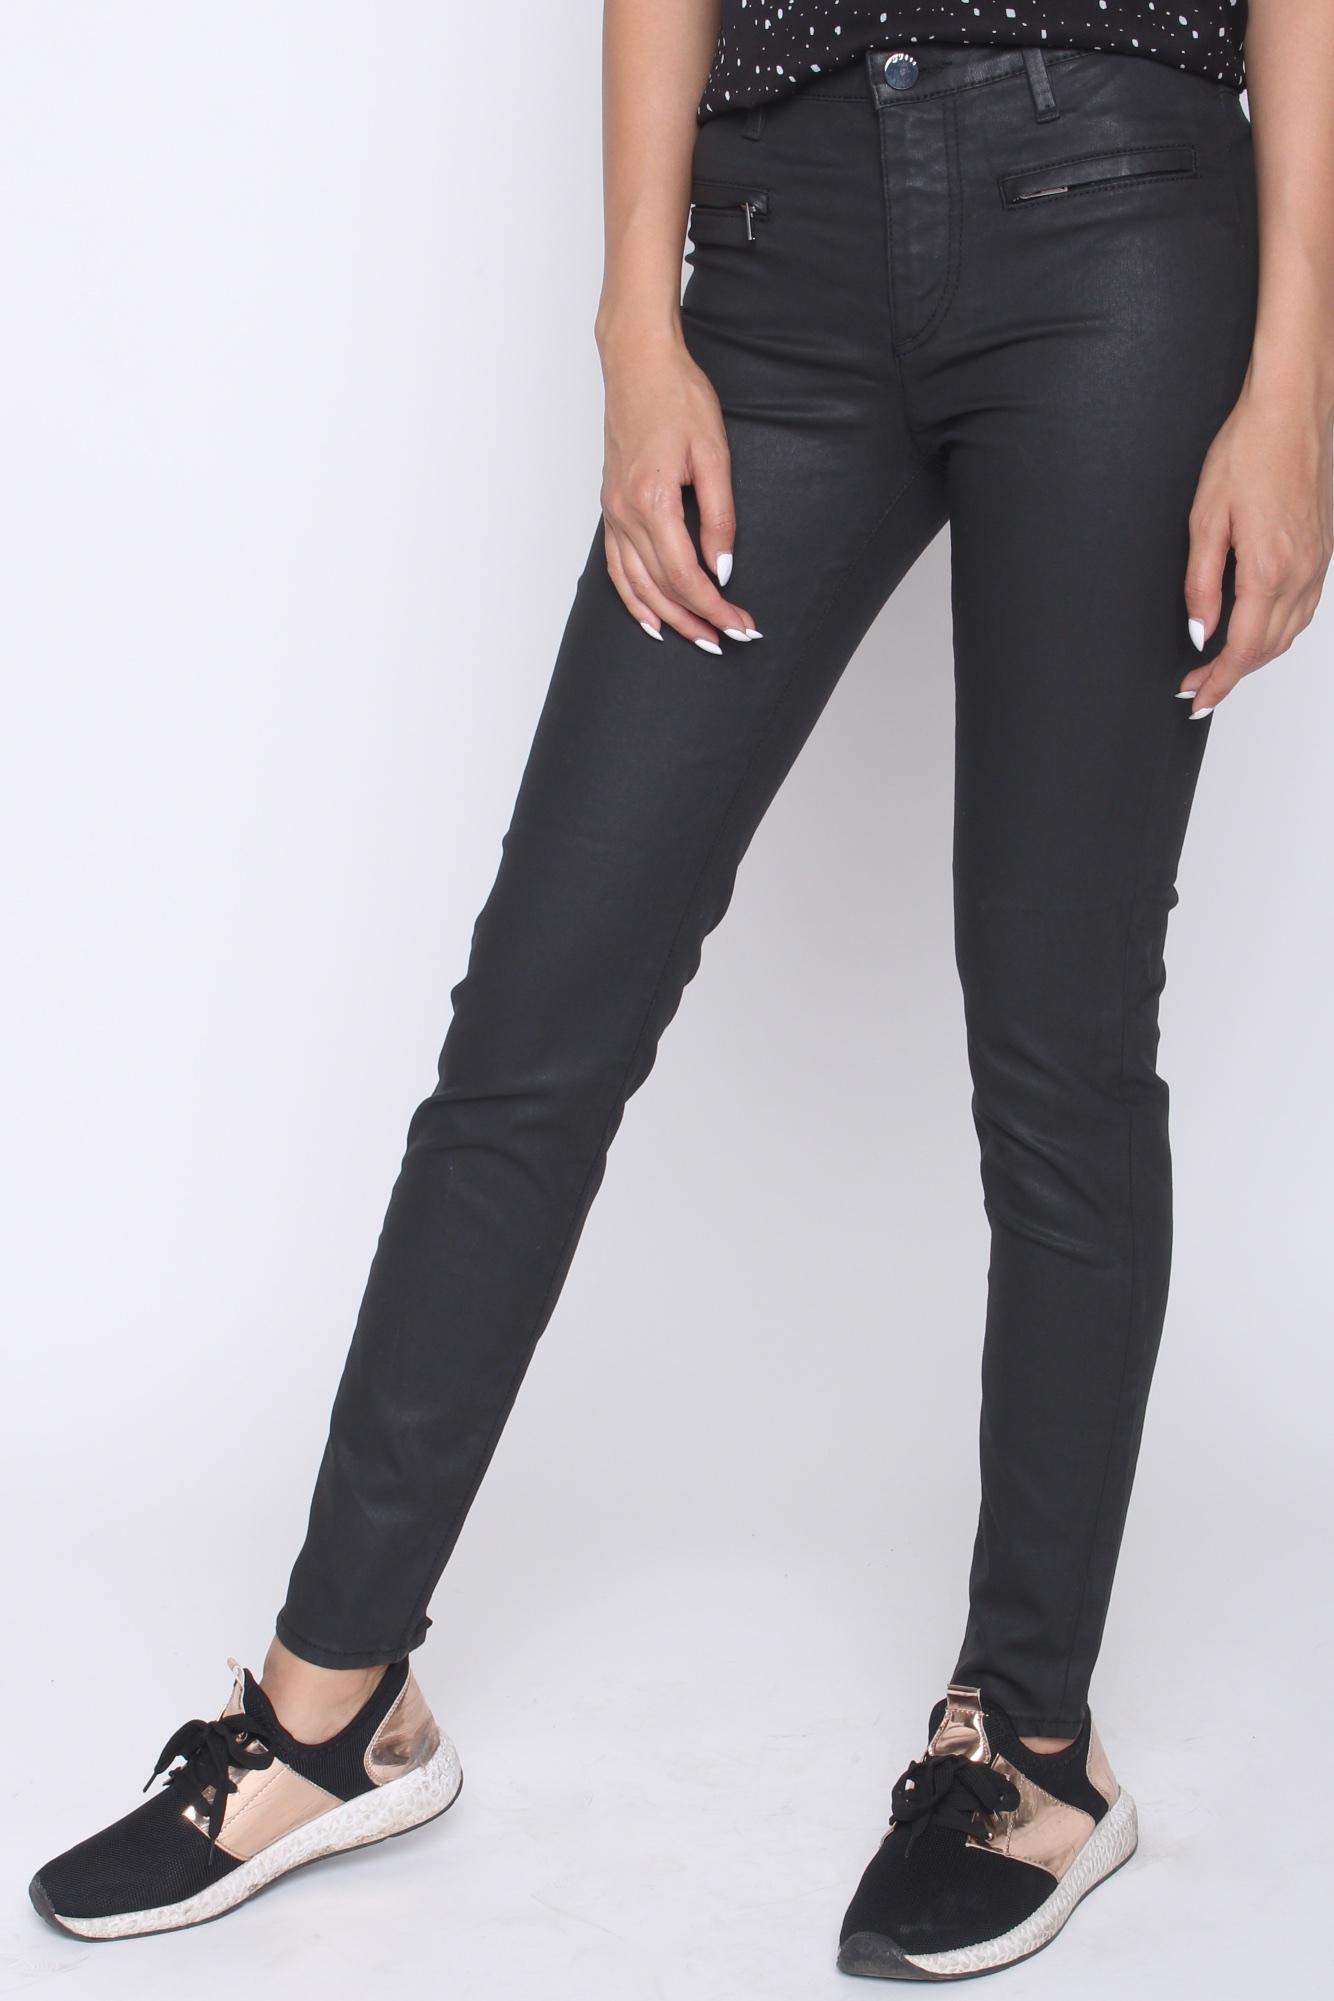 Jeans & Hosen für Damen online kaufen   versandkostenfrei